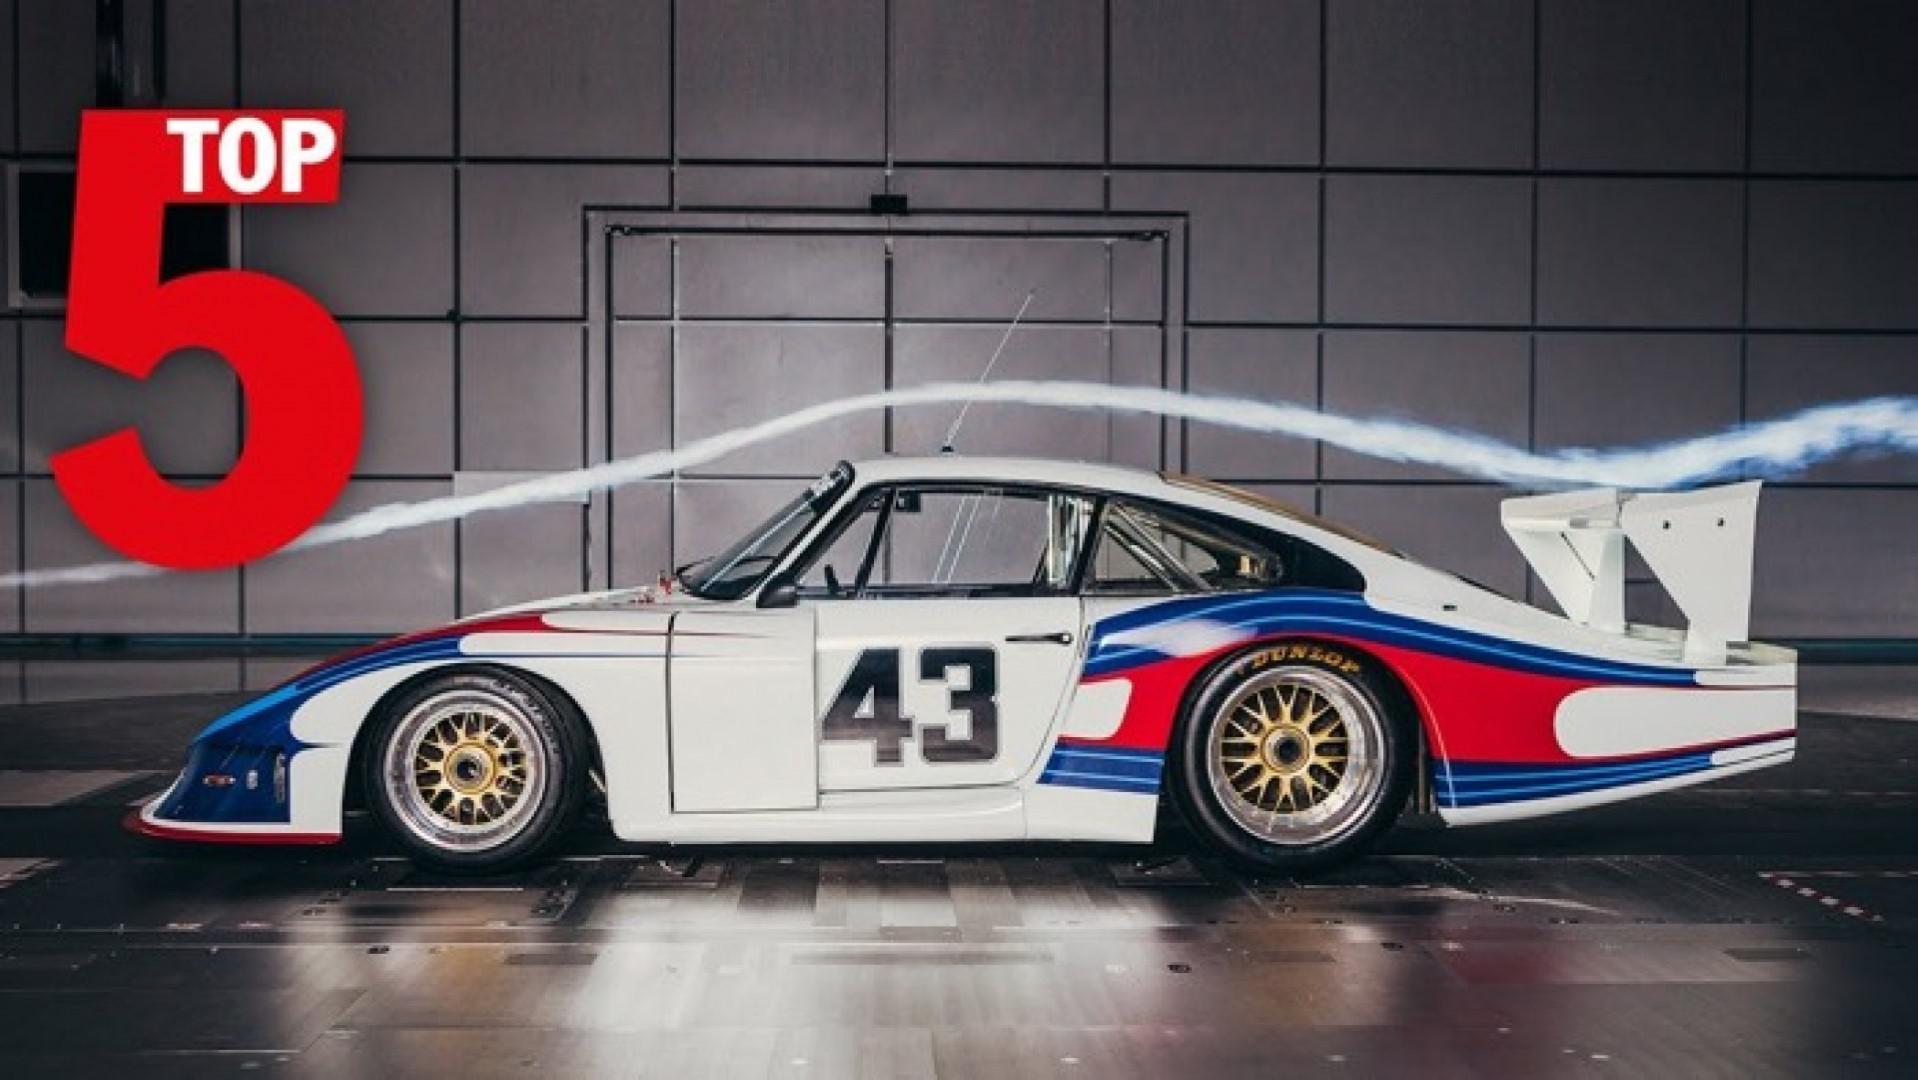 Le top 5 des créations les plus intéressantes en matière d'ailerons chez Porsche